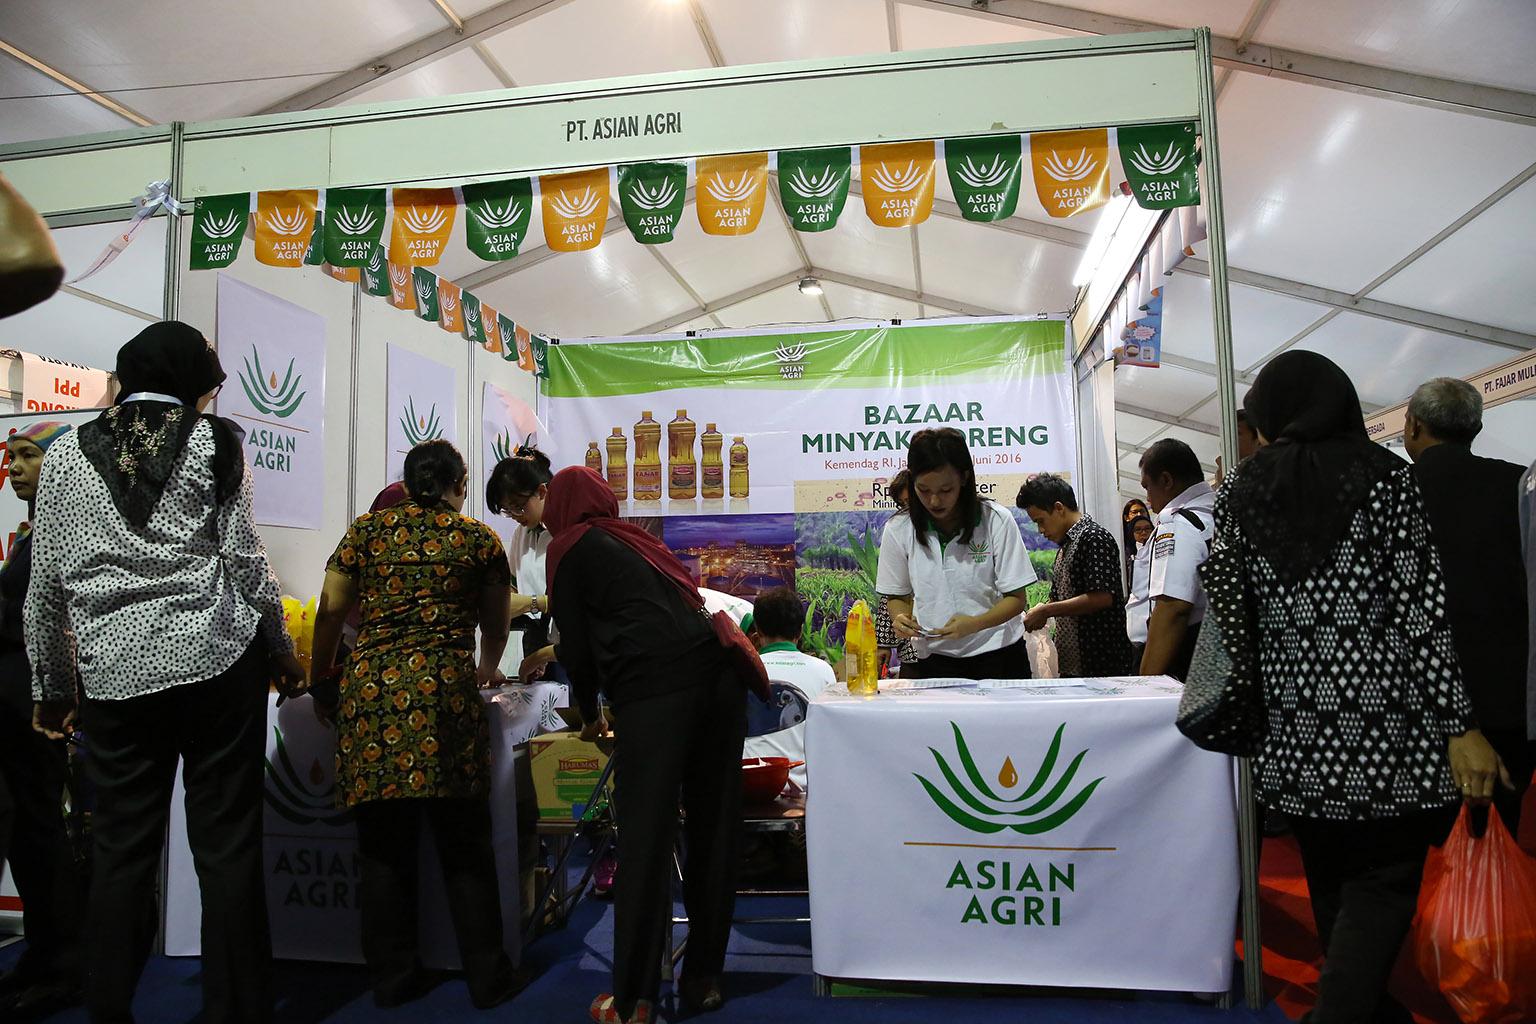 Asian Agri Bazaar Minyak Goreng Migor Trade Ministry Pasar Murah 2016